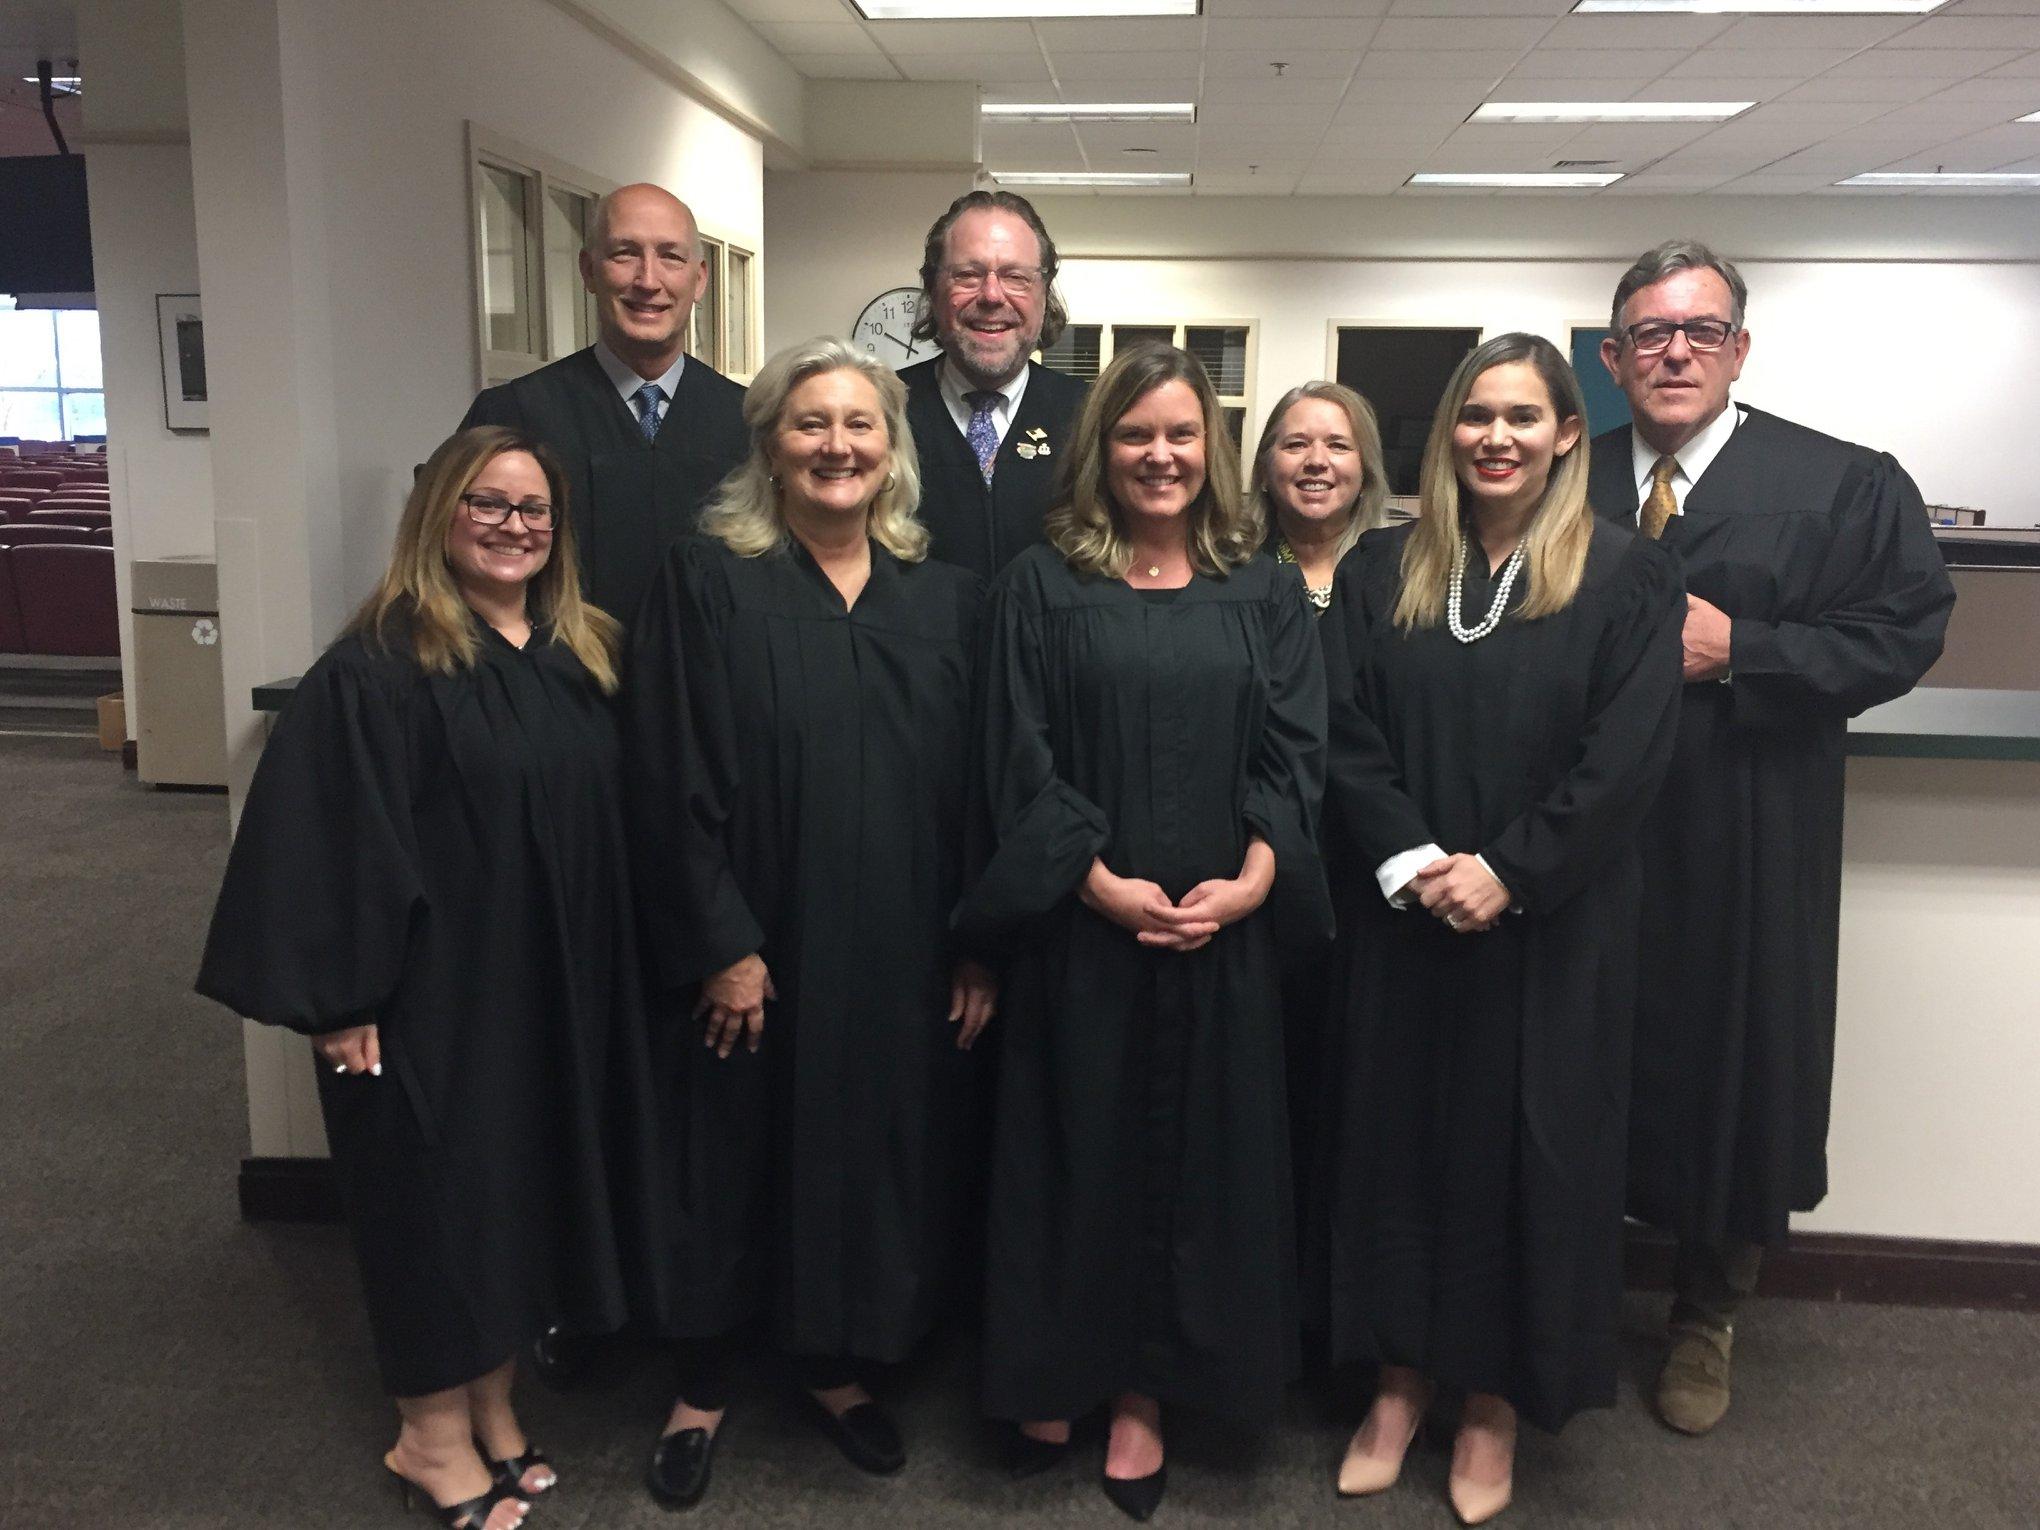 Jueces delCircuito Judicial Noveno